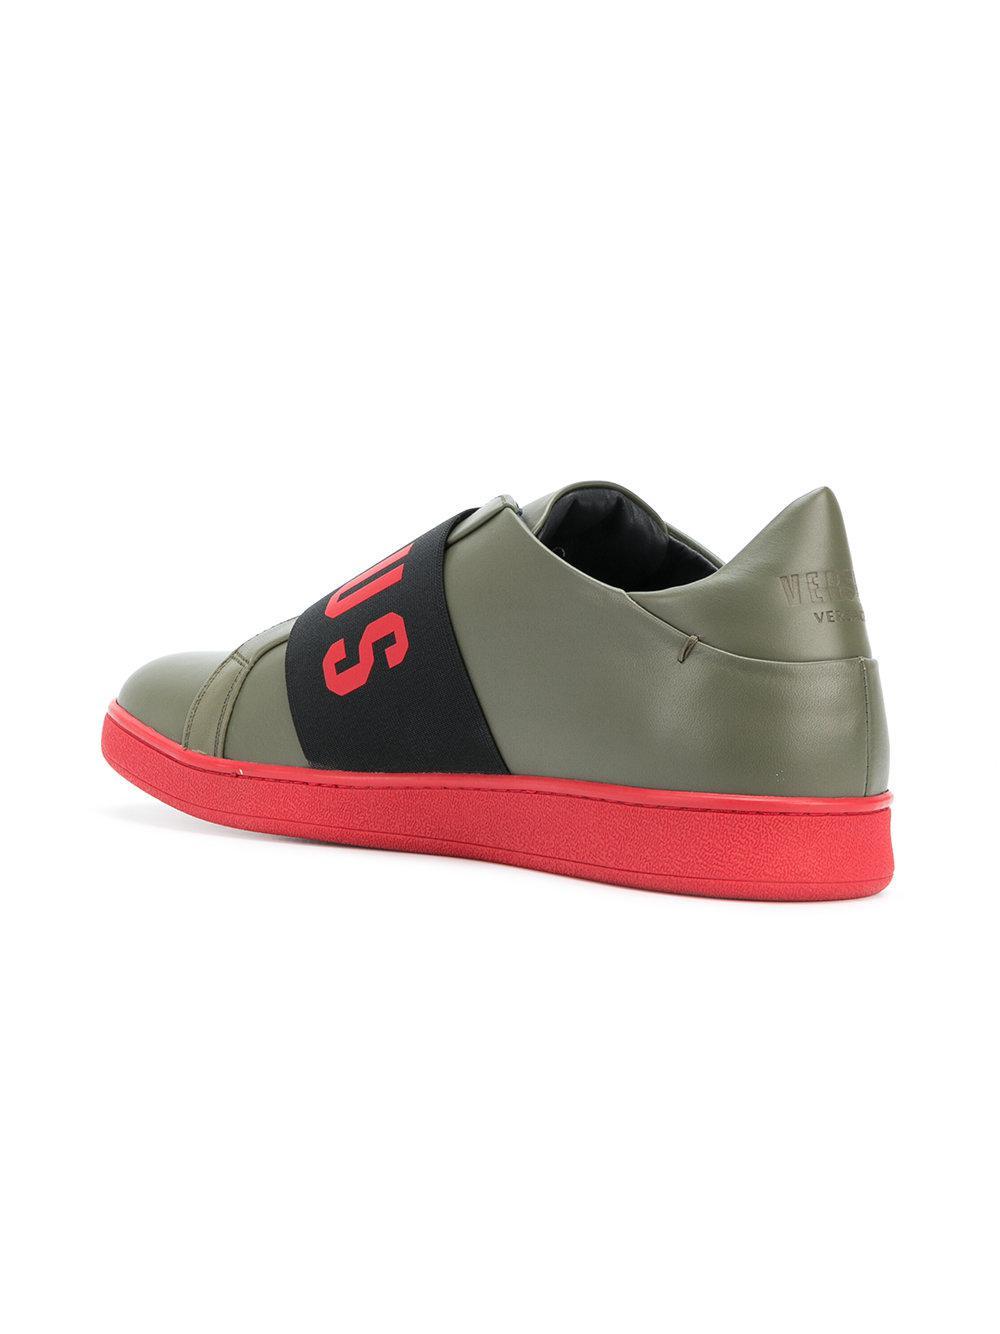 logo strap sneakers - Green Versus hhtwPK5HAA